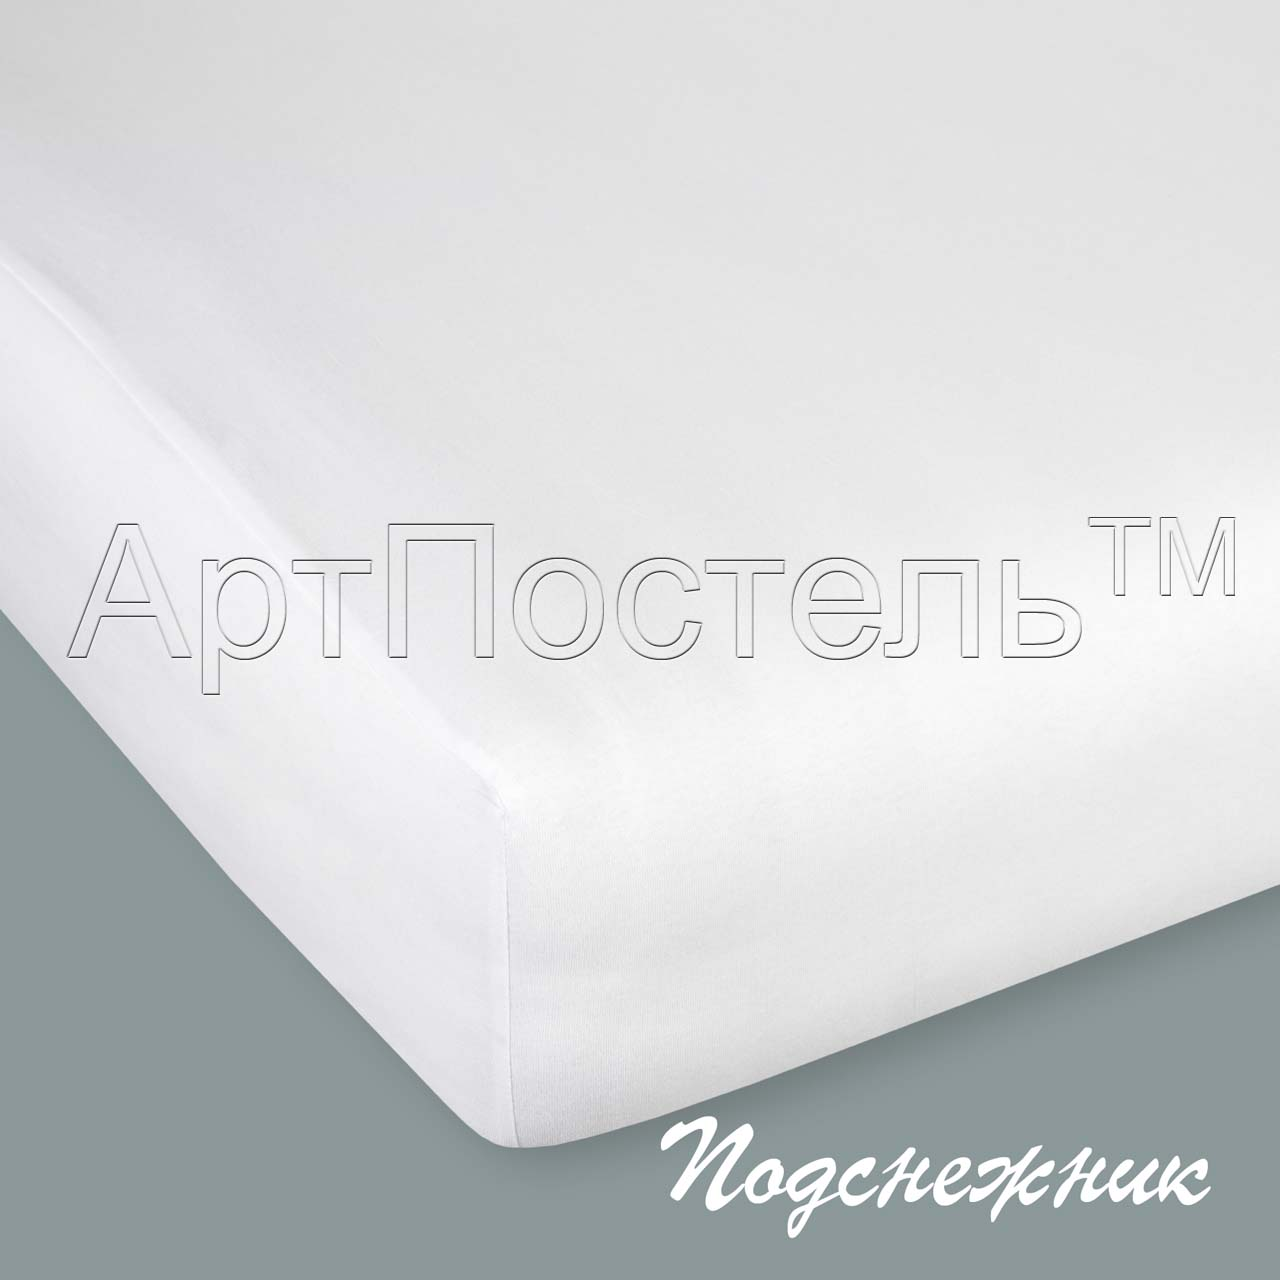 Простыня на резинке Подснежник, размер 90х200 смПростыни<br>Плотность ткани: 145 г/кв. м <br>Высота матраса: 20 см<br><br>Тип: Простыня<br>Размер: 90х200<br>Материал: Кулирка